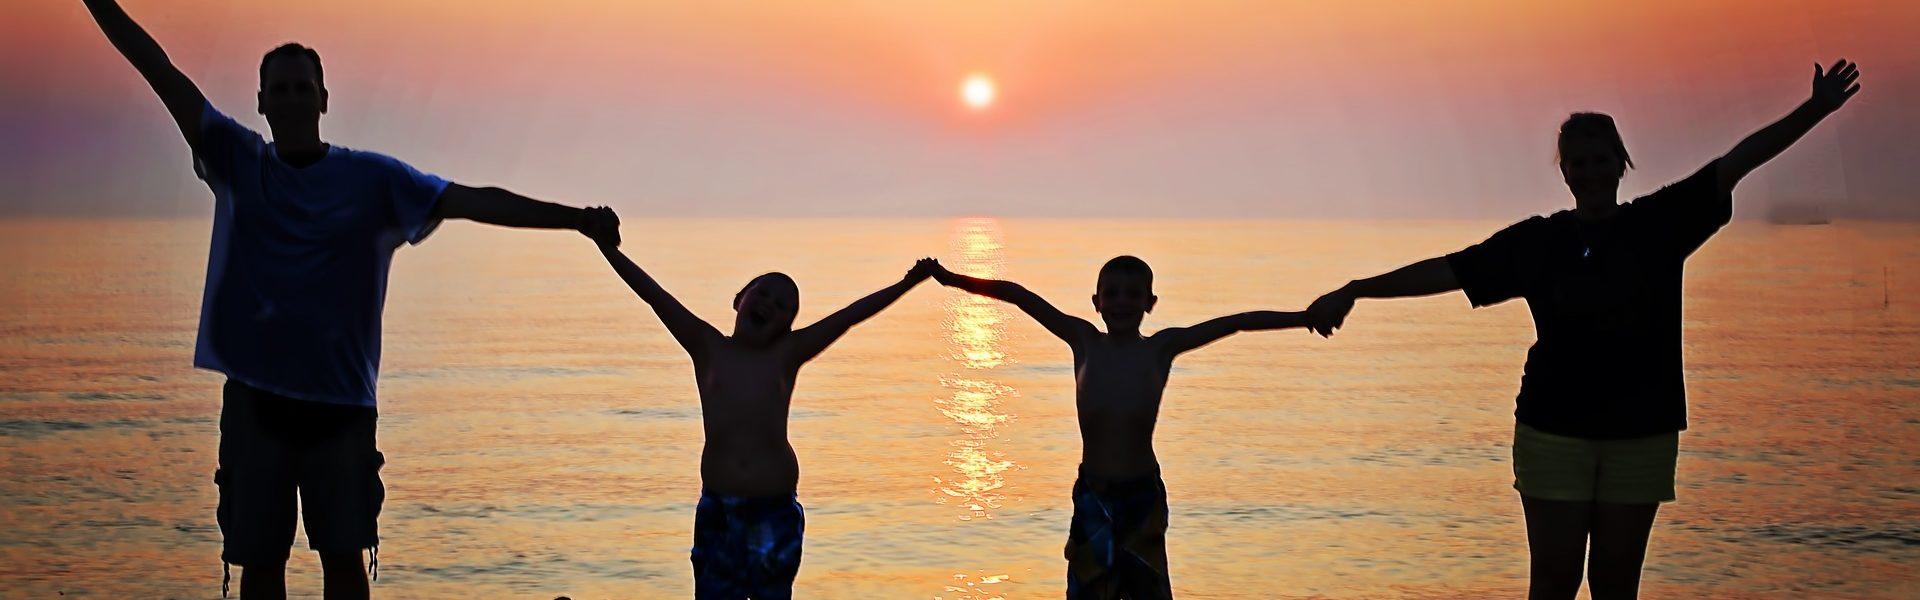 برنامج بناء العلاقة مع الأبناء